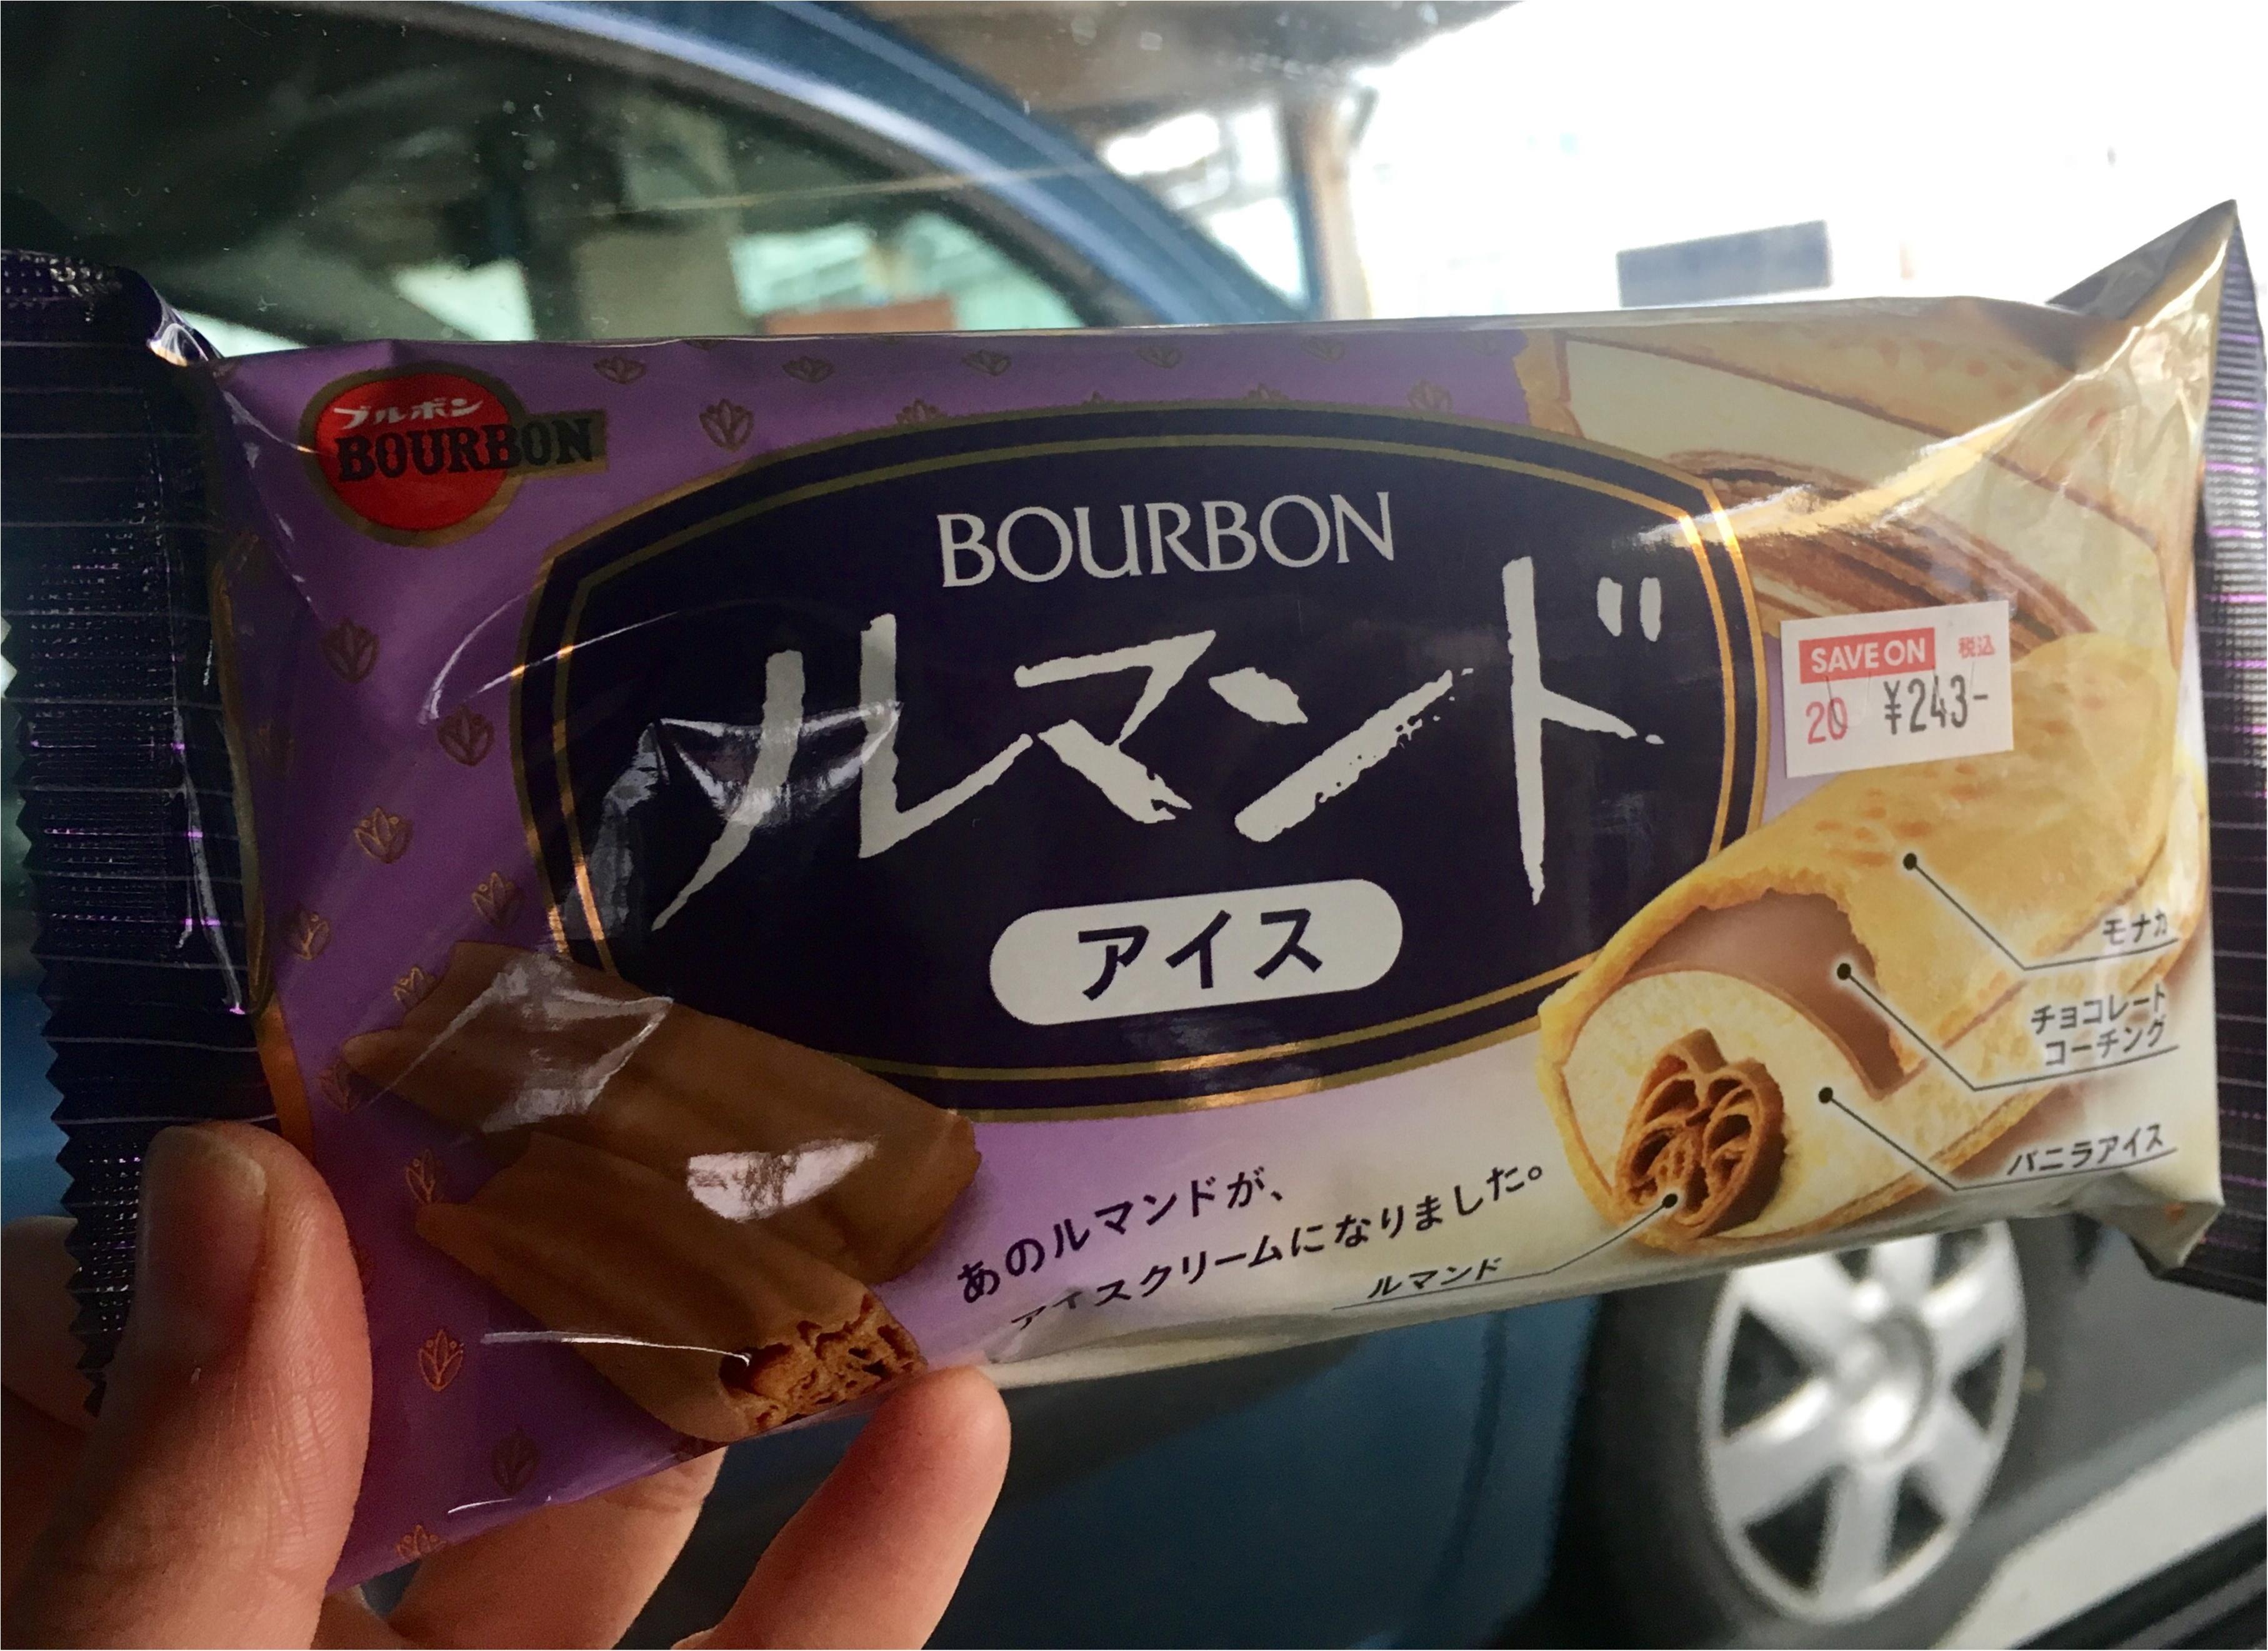 【旅行▶グルメ】もう東京駅でも食べられないあのアイスから定番B級グルメや海の幸まで♡新潟のオススメグルメ_8